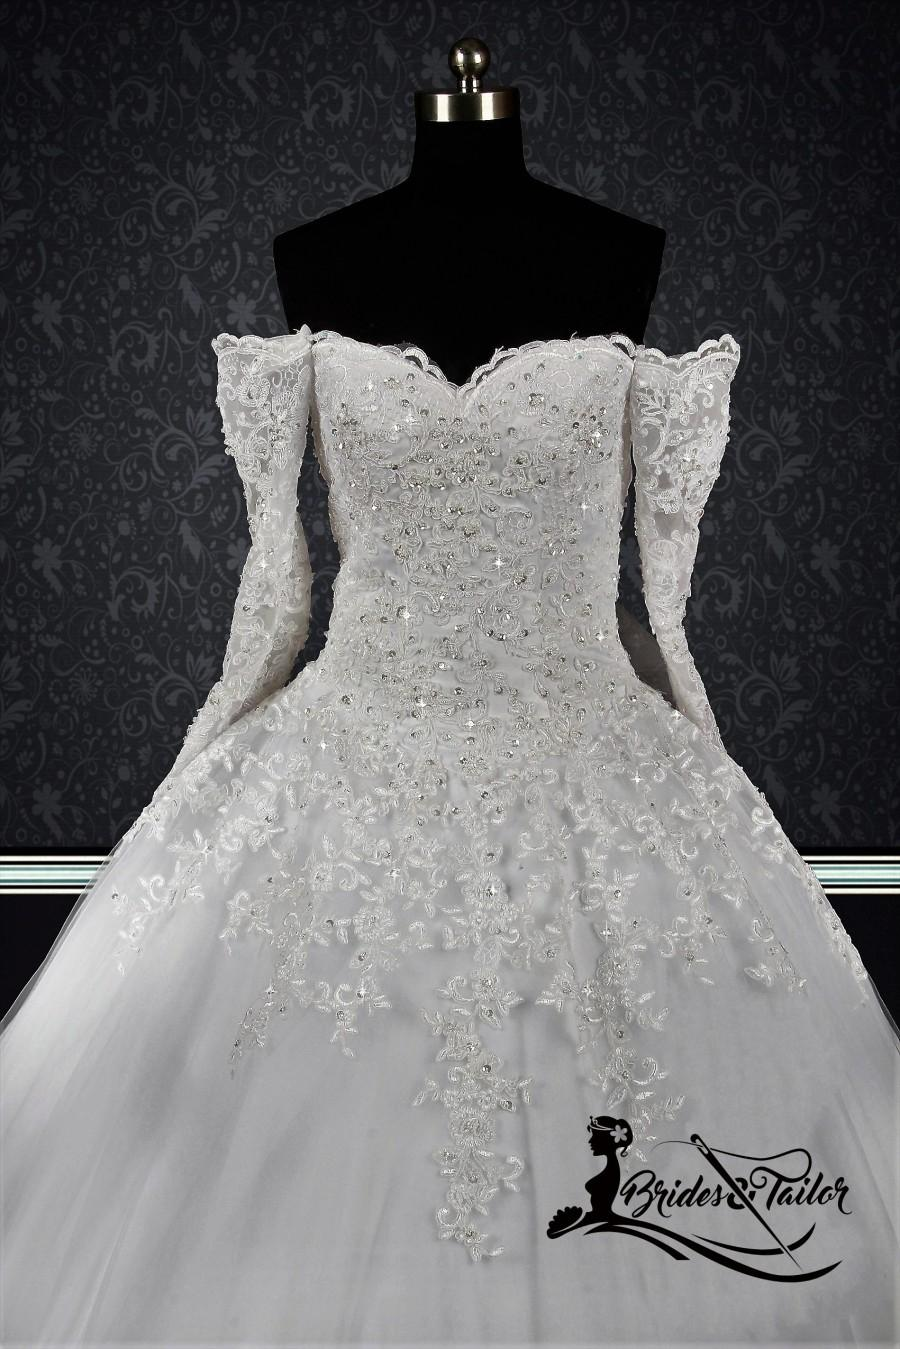 Hochzeit - Off Shoulder Wedding Dress with Lace